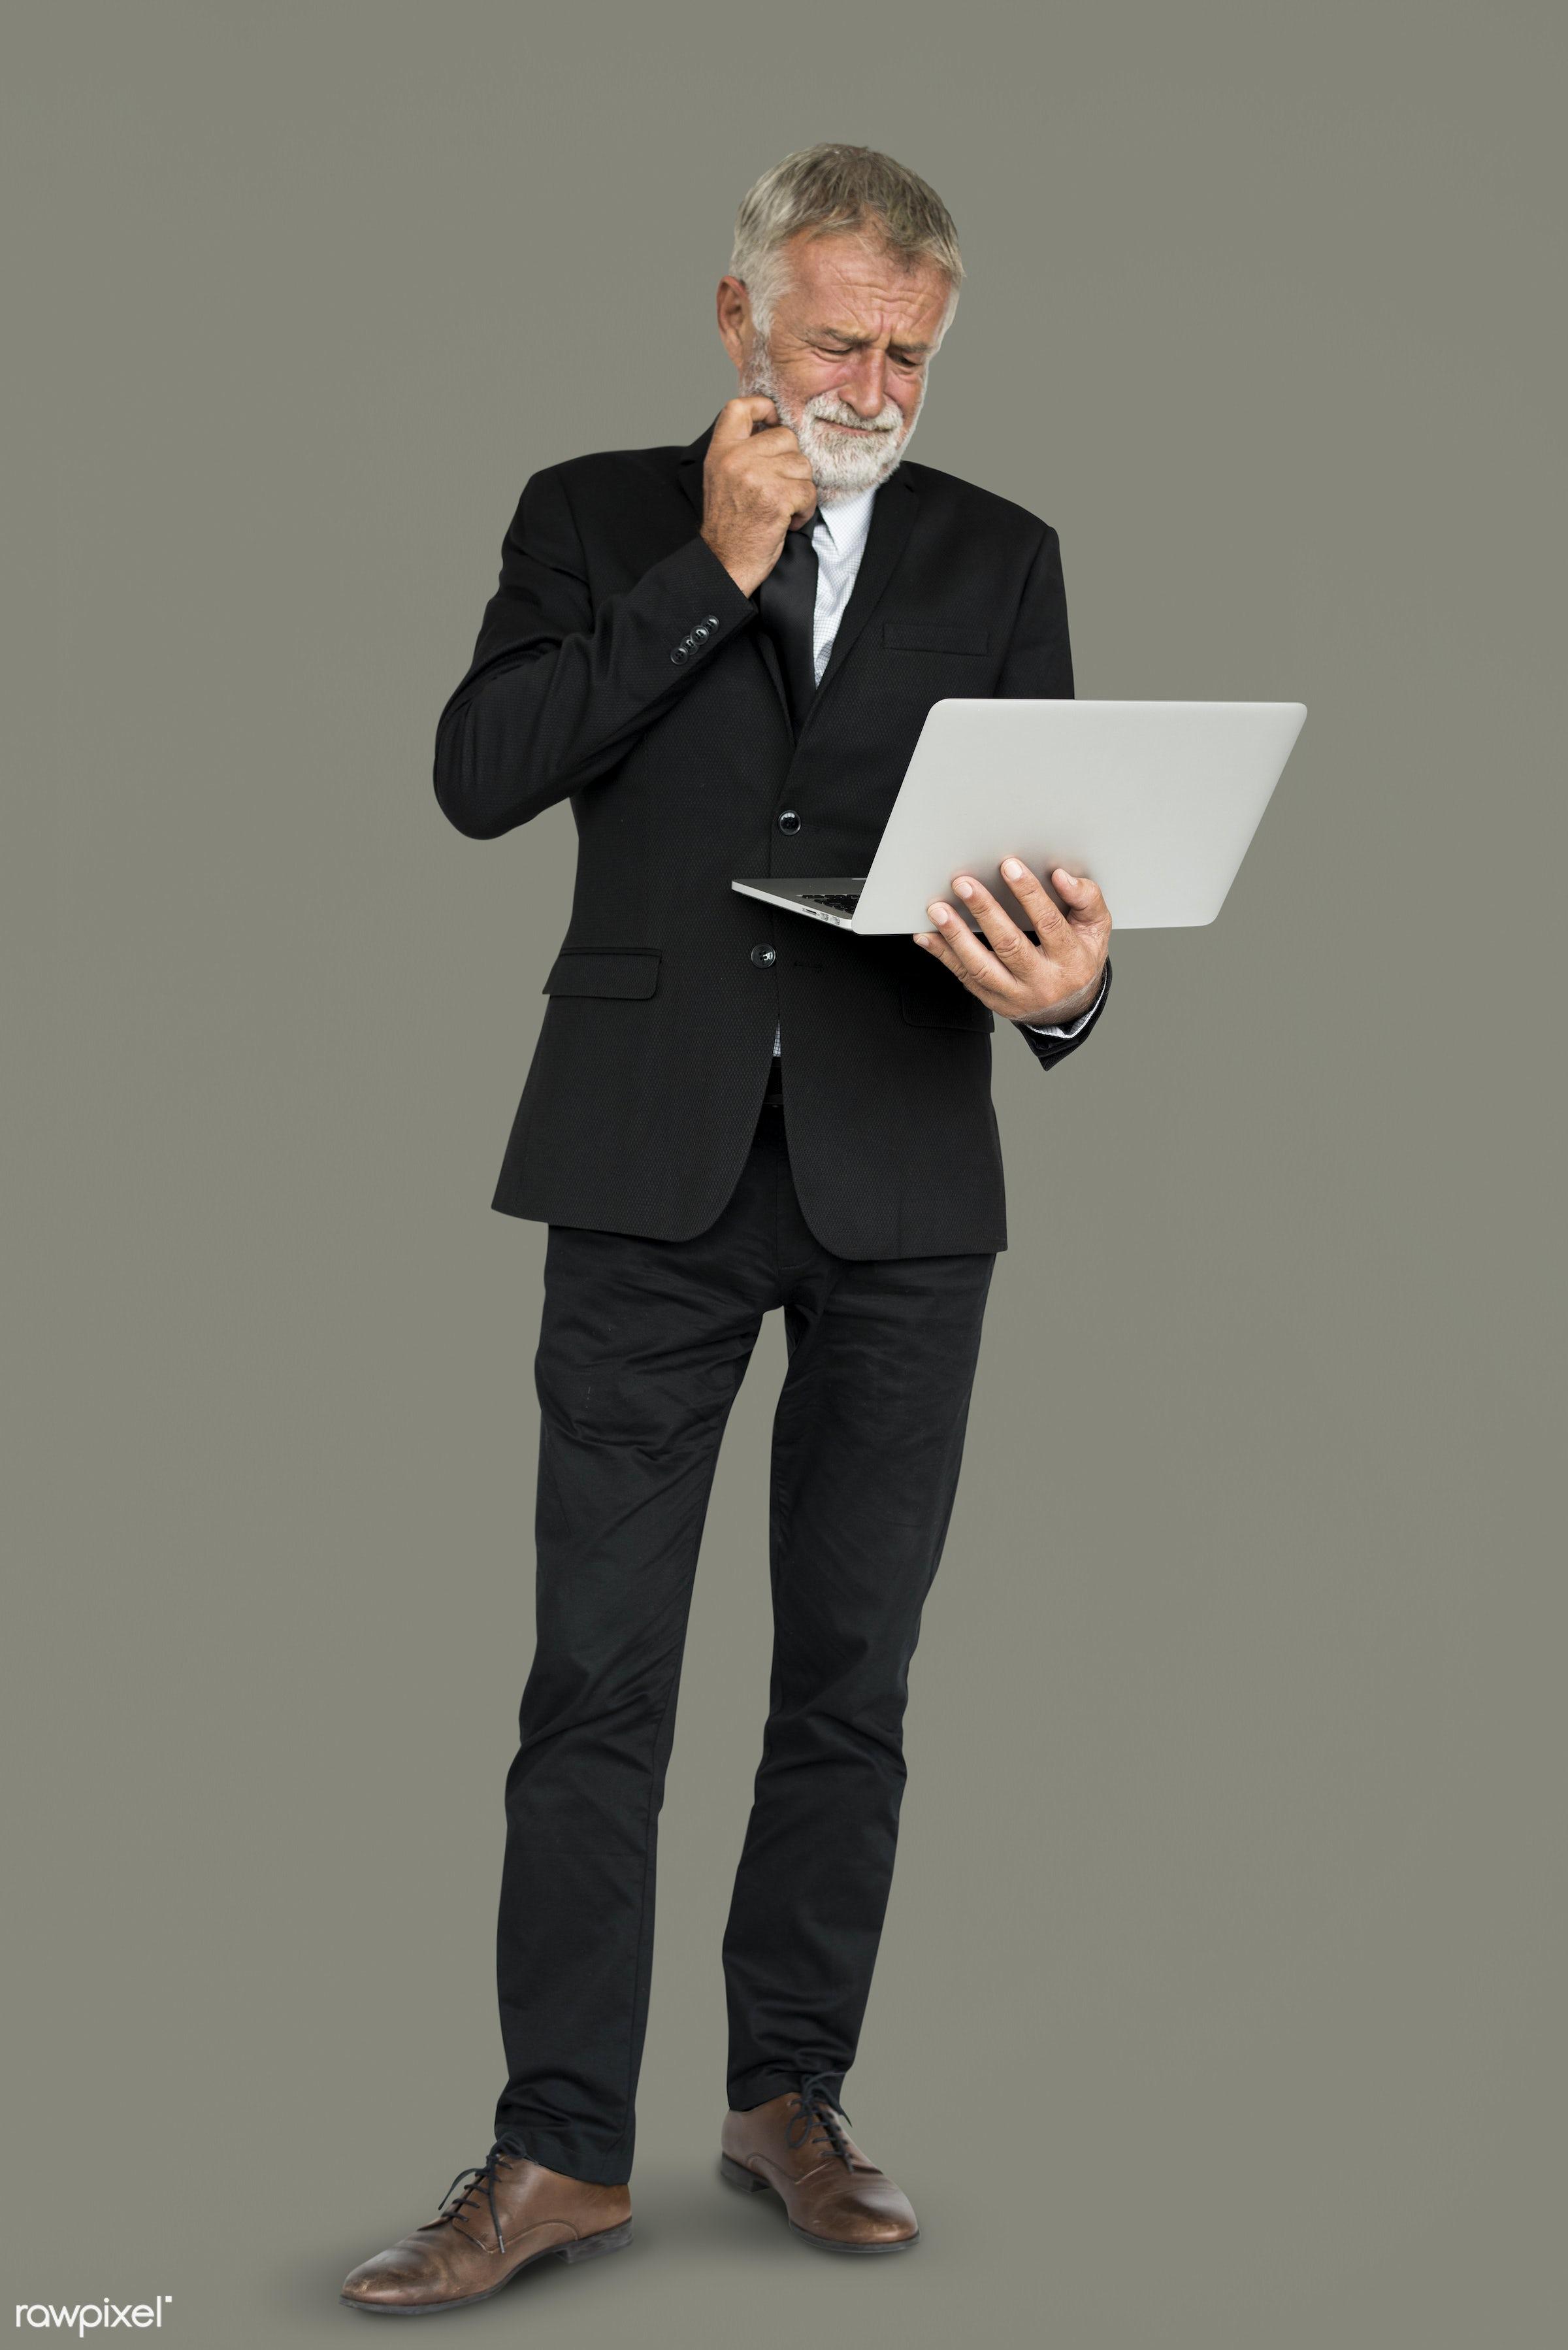 hold, holding, laptop, man, senior, standing, thinking, type, typing, work, working